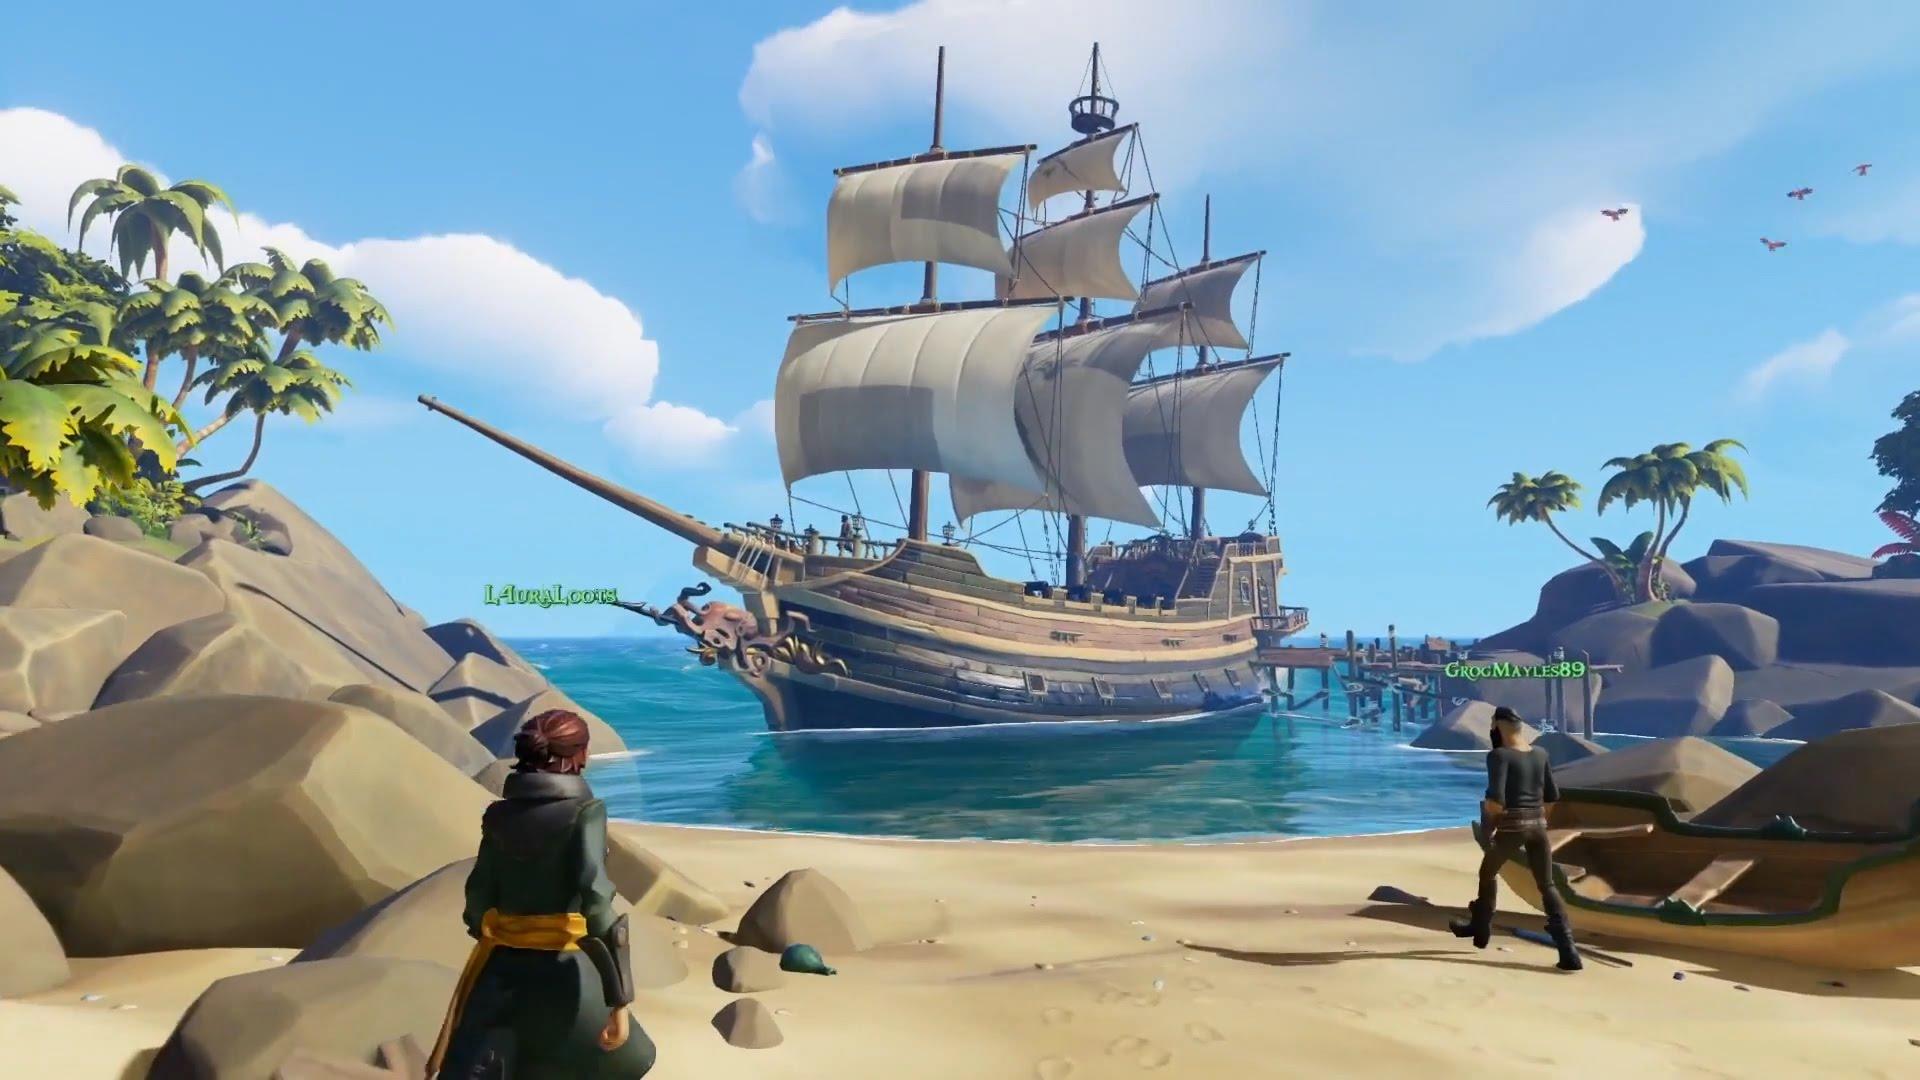 Trailer de Sea of Thieves en español, el juego de Piratas de Rare